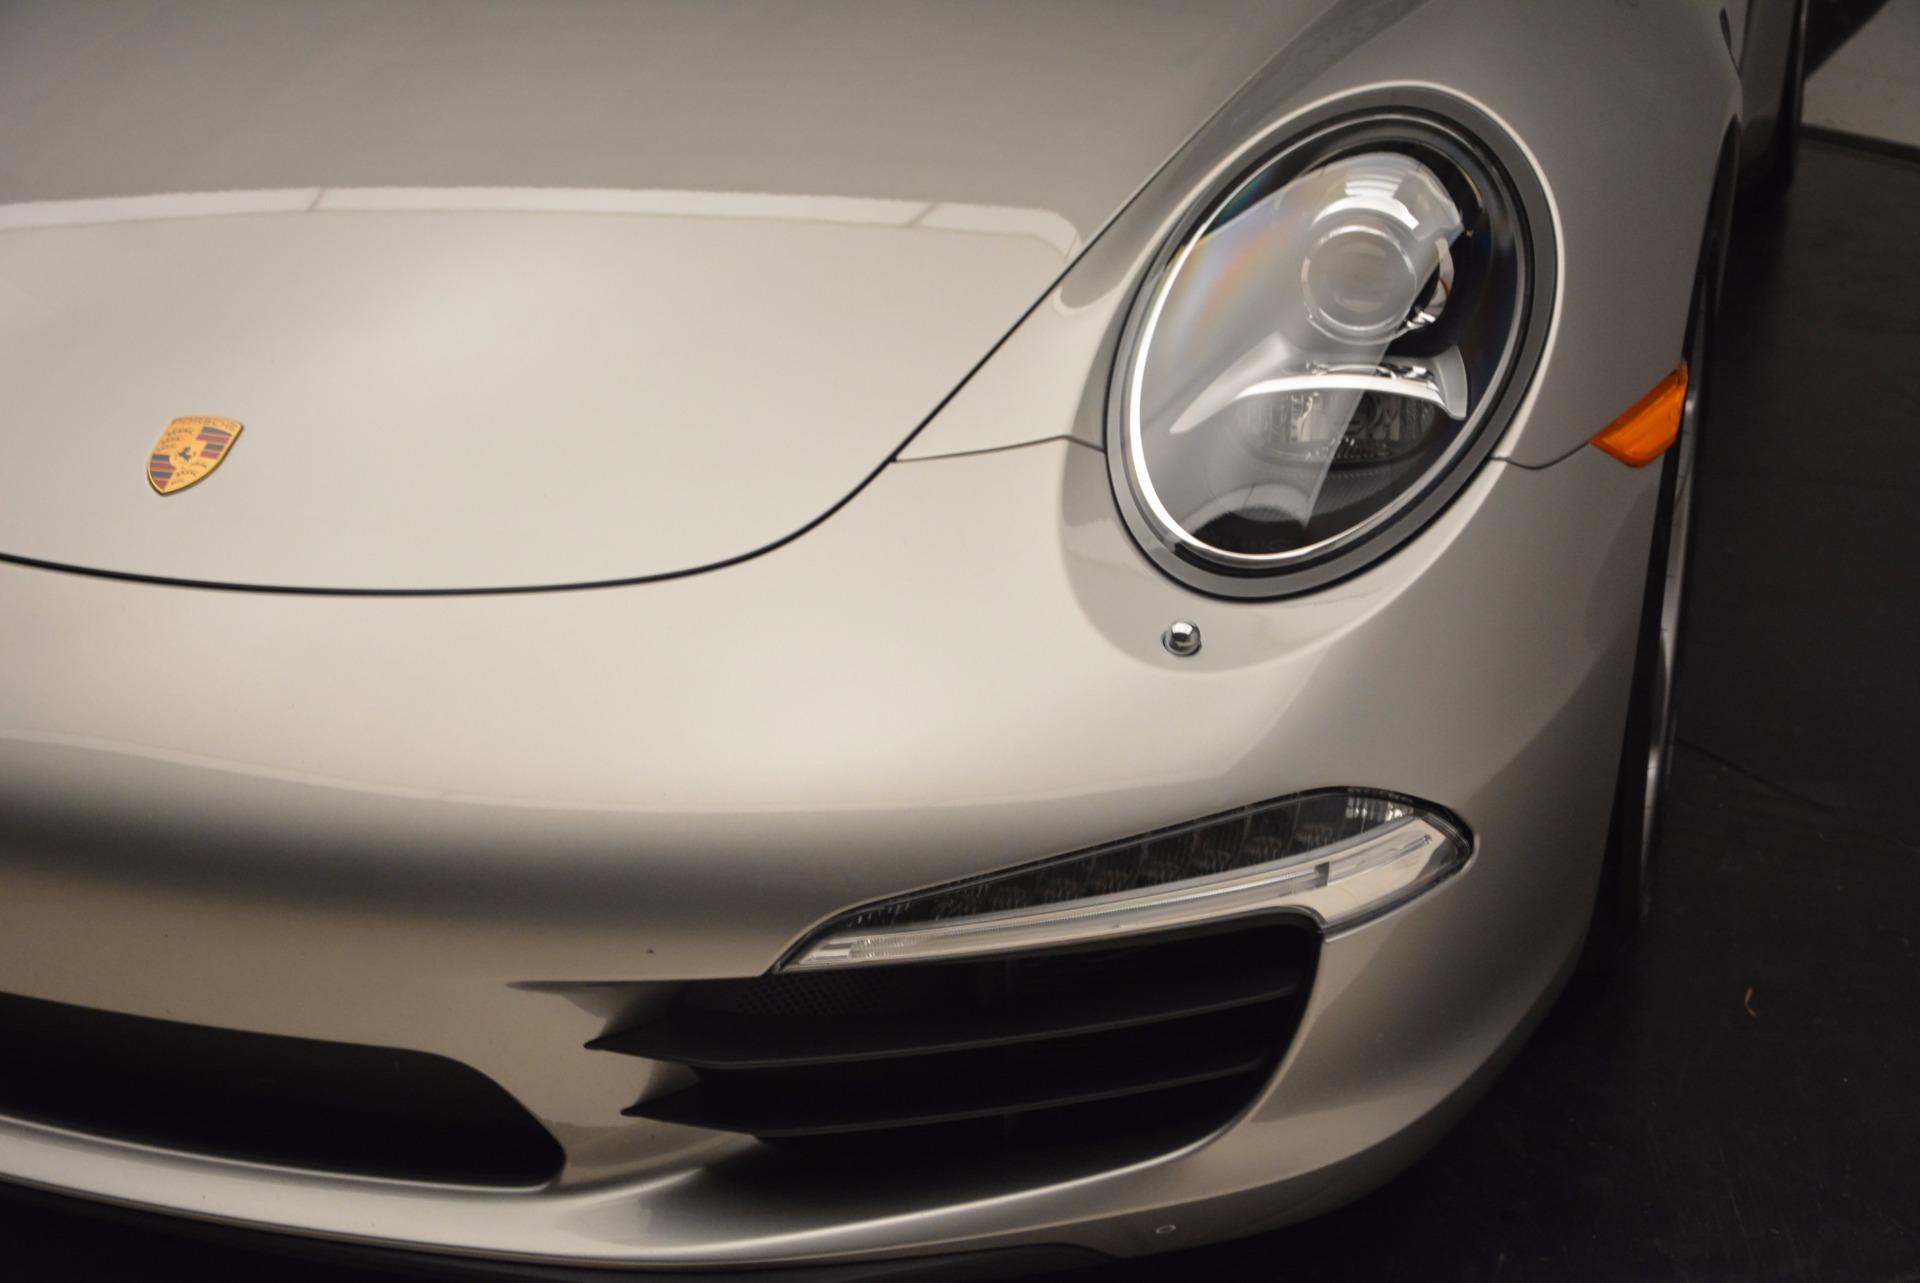 Used 2012 Porsche 911 Carrera S For Sale In Greenwich, CT 1790_p15